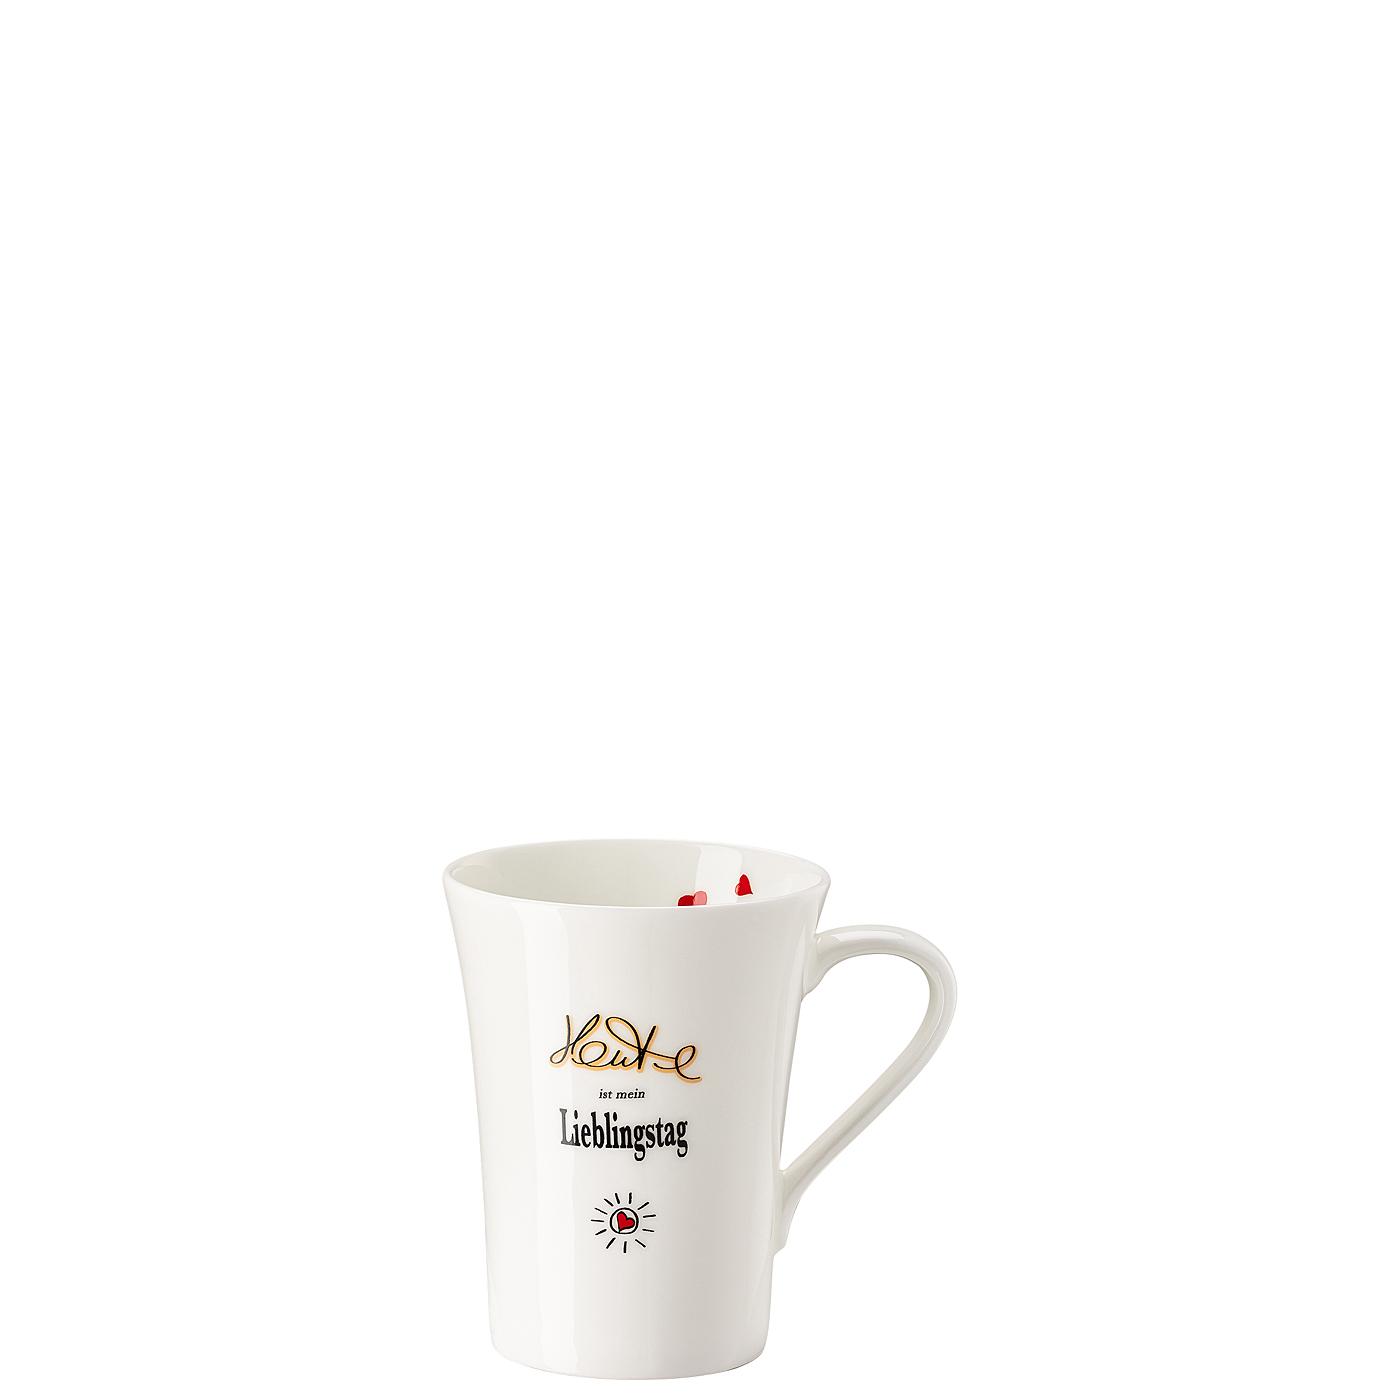 Becher mit Henkel My Mug Collection Worte - Lieblingstag Hutschenreuther